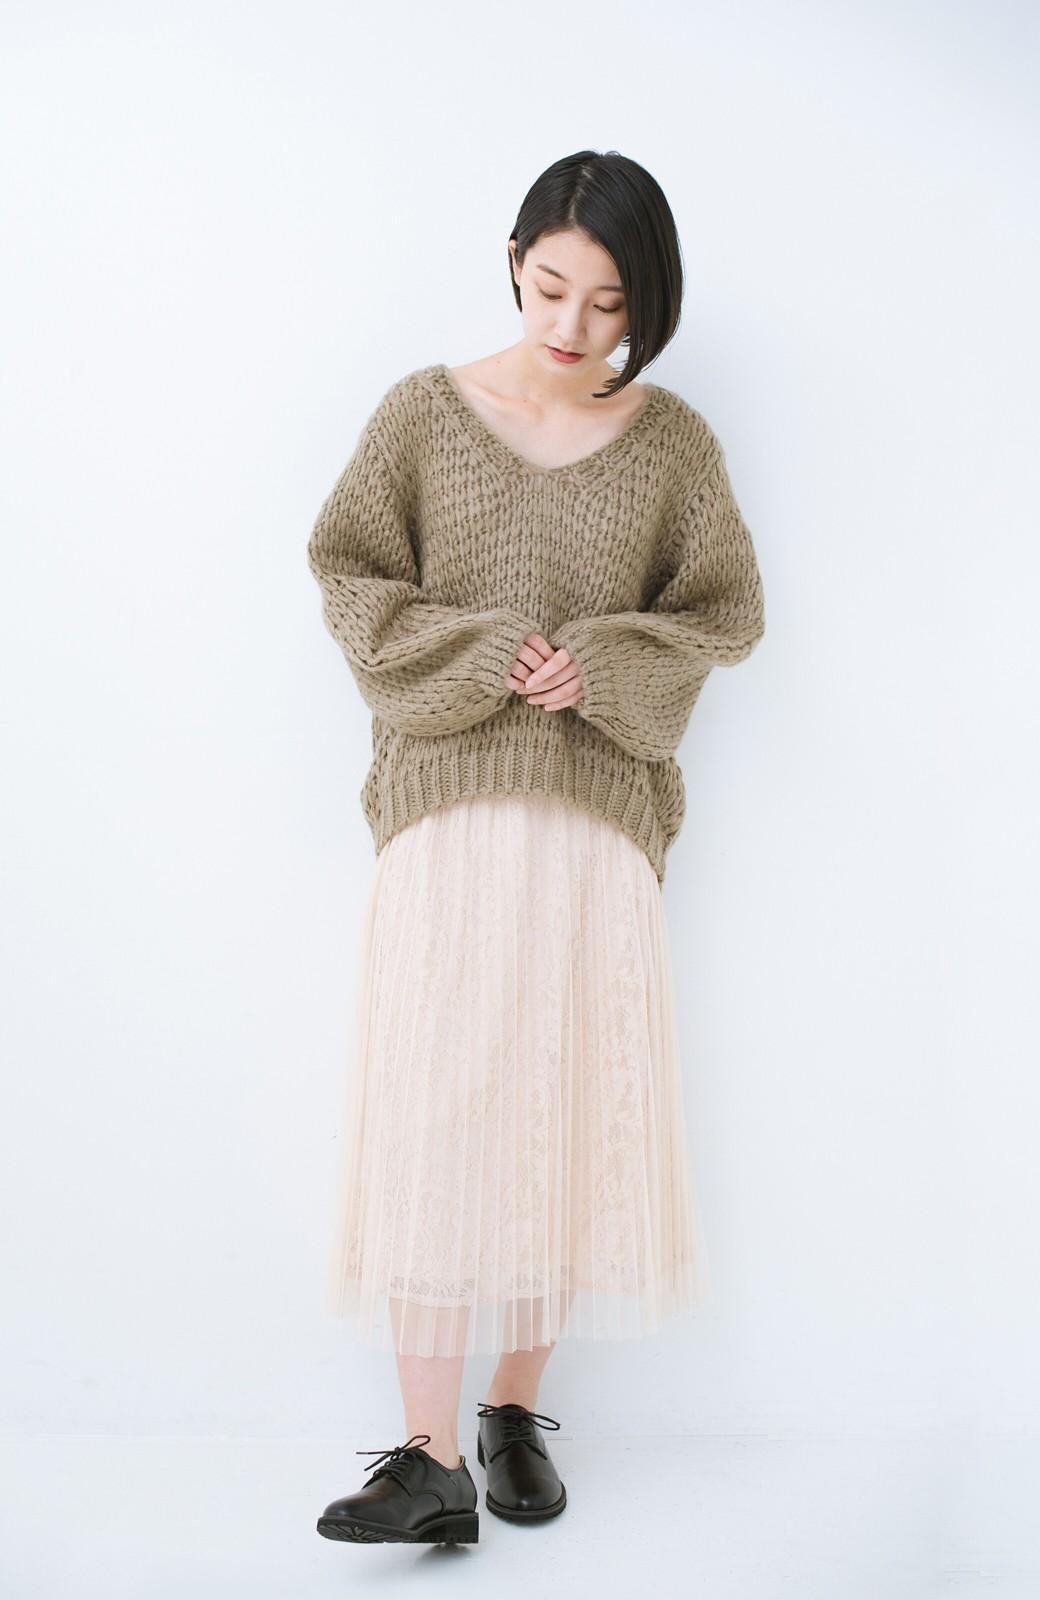 haco! 手編み風のざっくり感で女っぽい Vネックの甘編みルーズニット <グレイッシュベージュ>の商品写真7